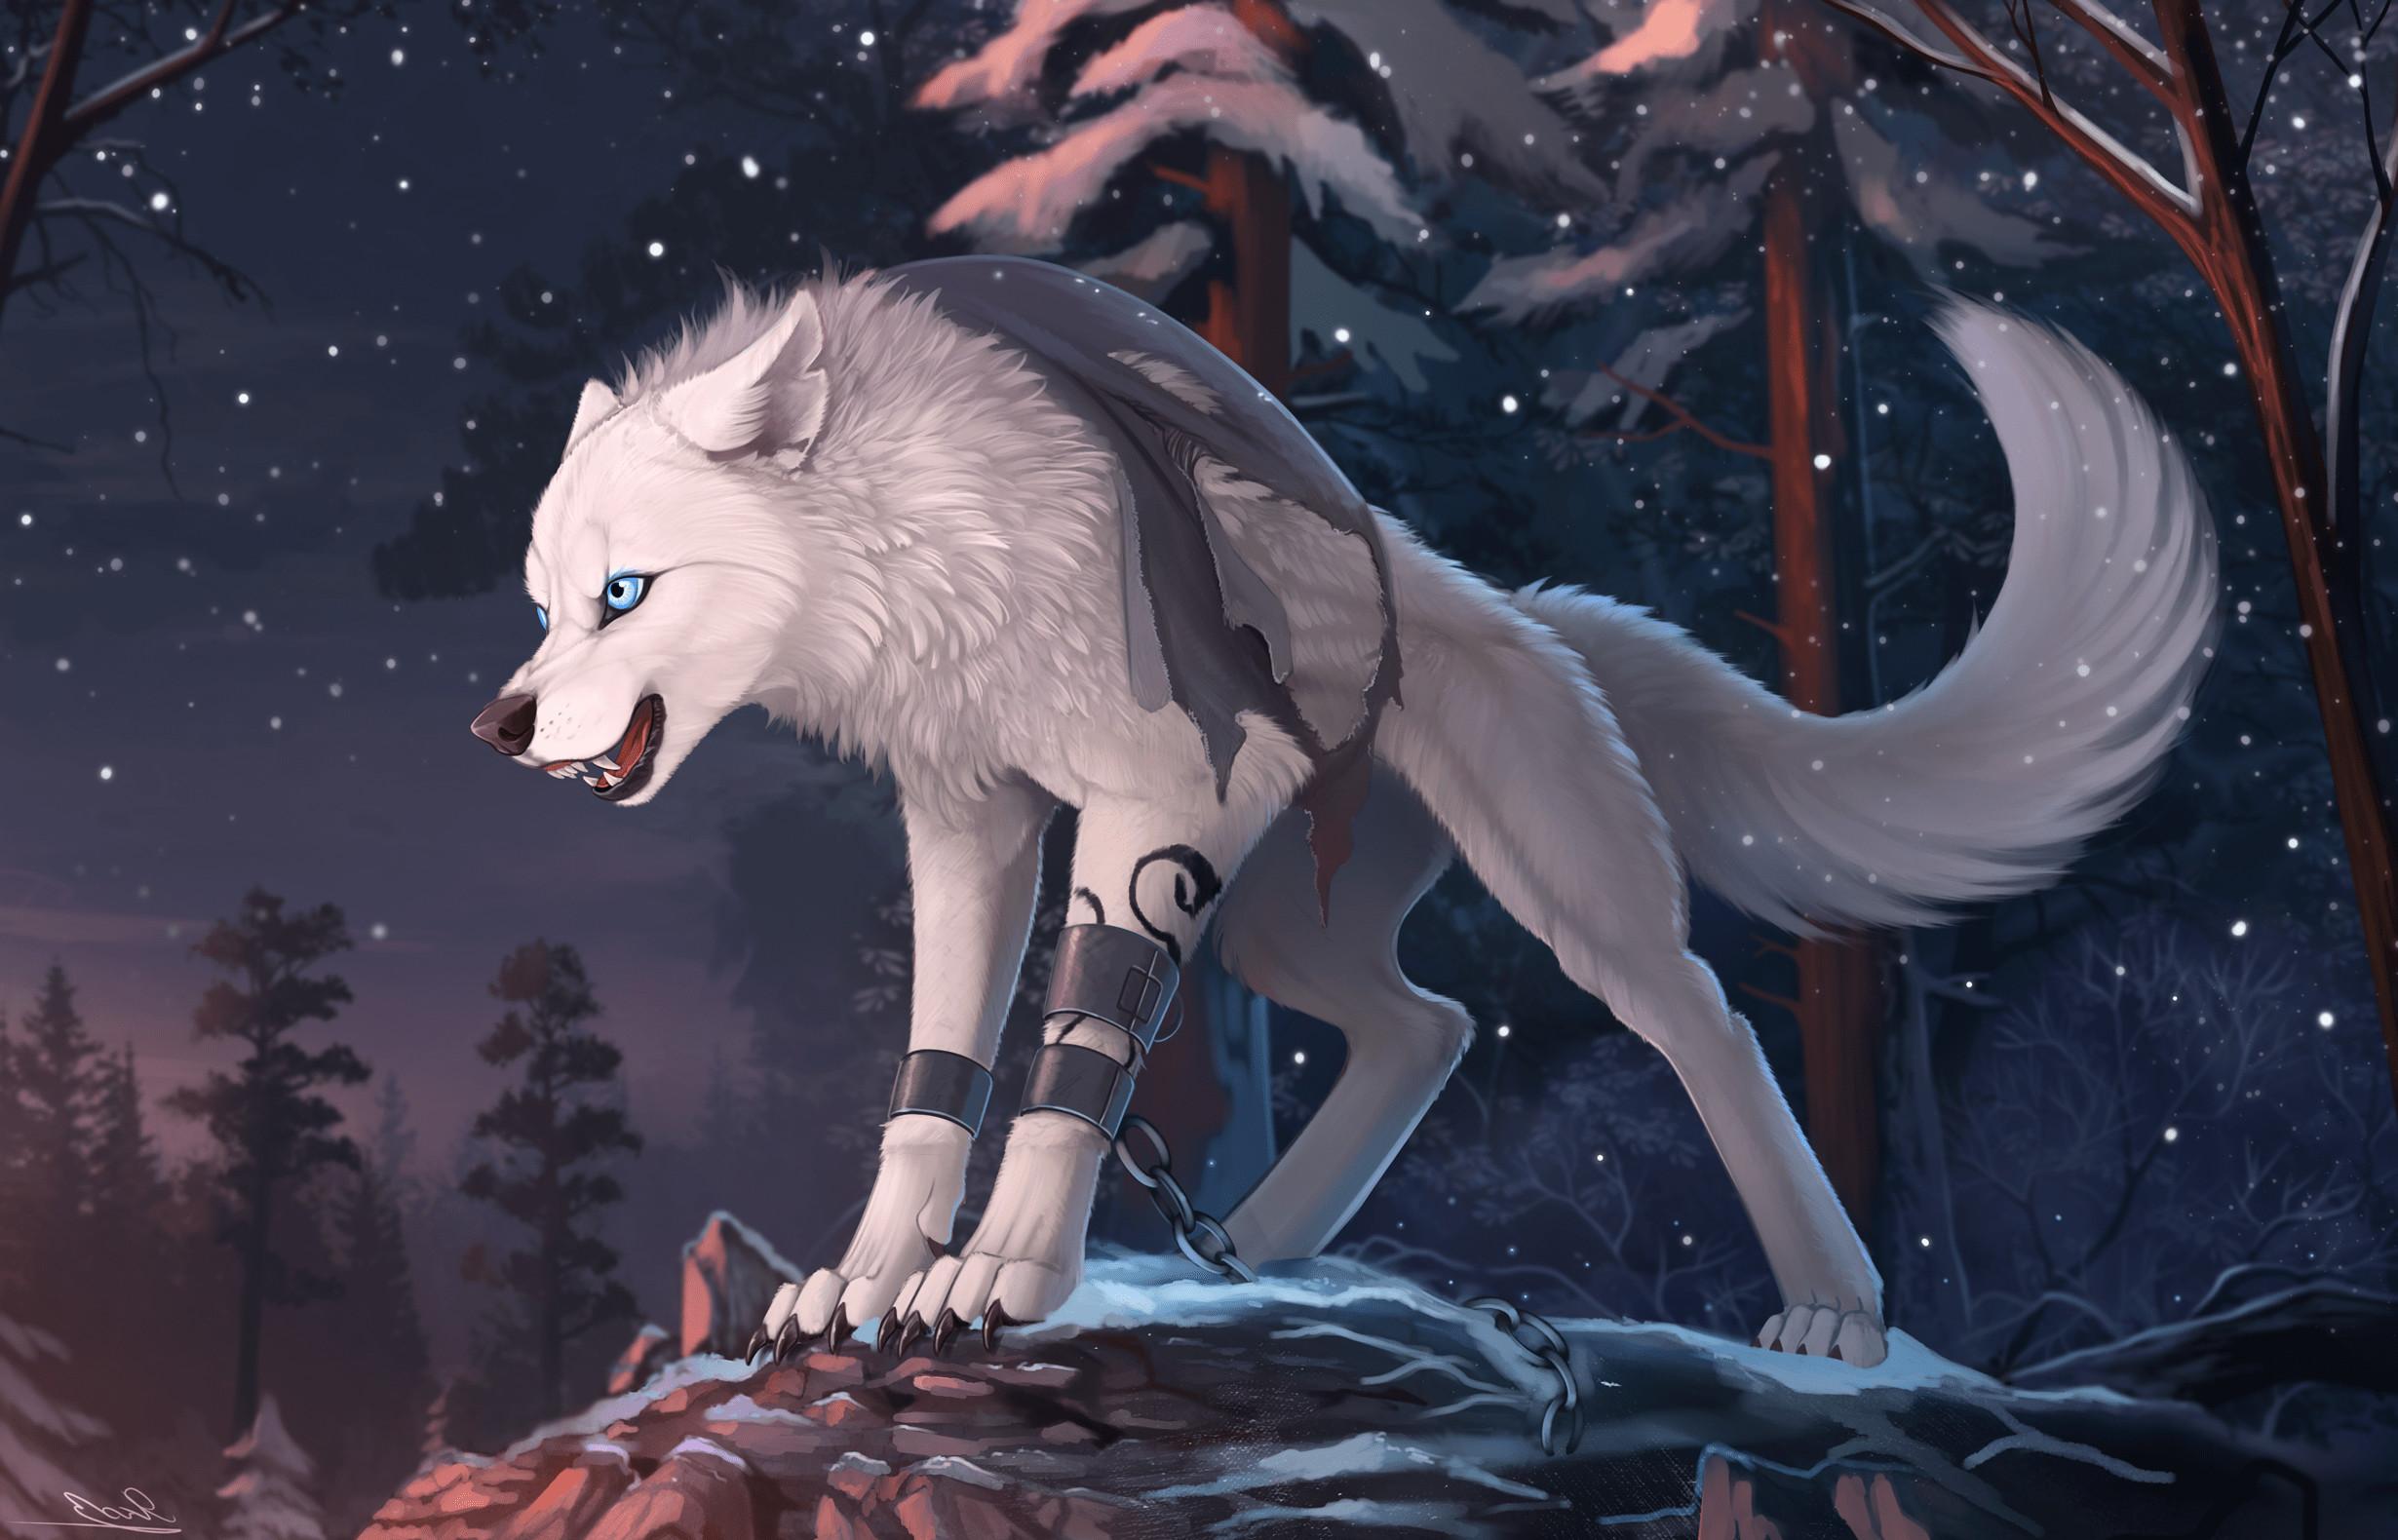 Gamer Girl Wallpaper Anime Furry Wolf Wallpaper 75 Images